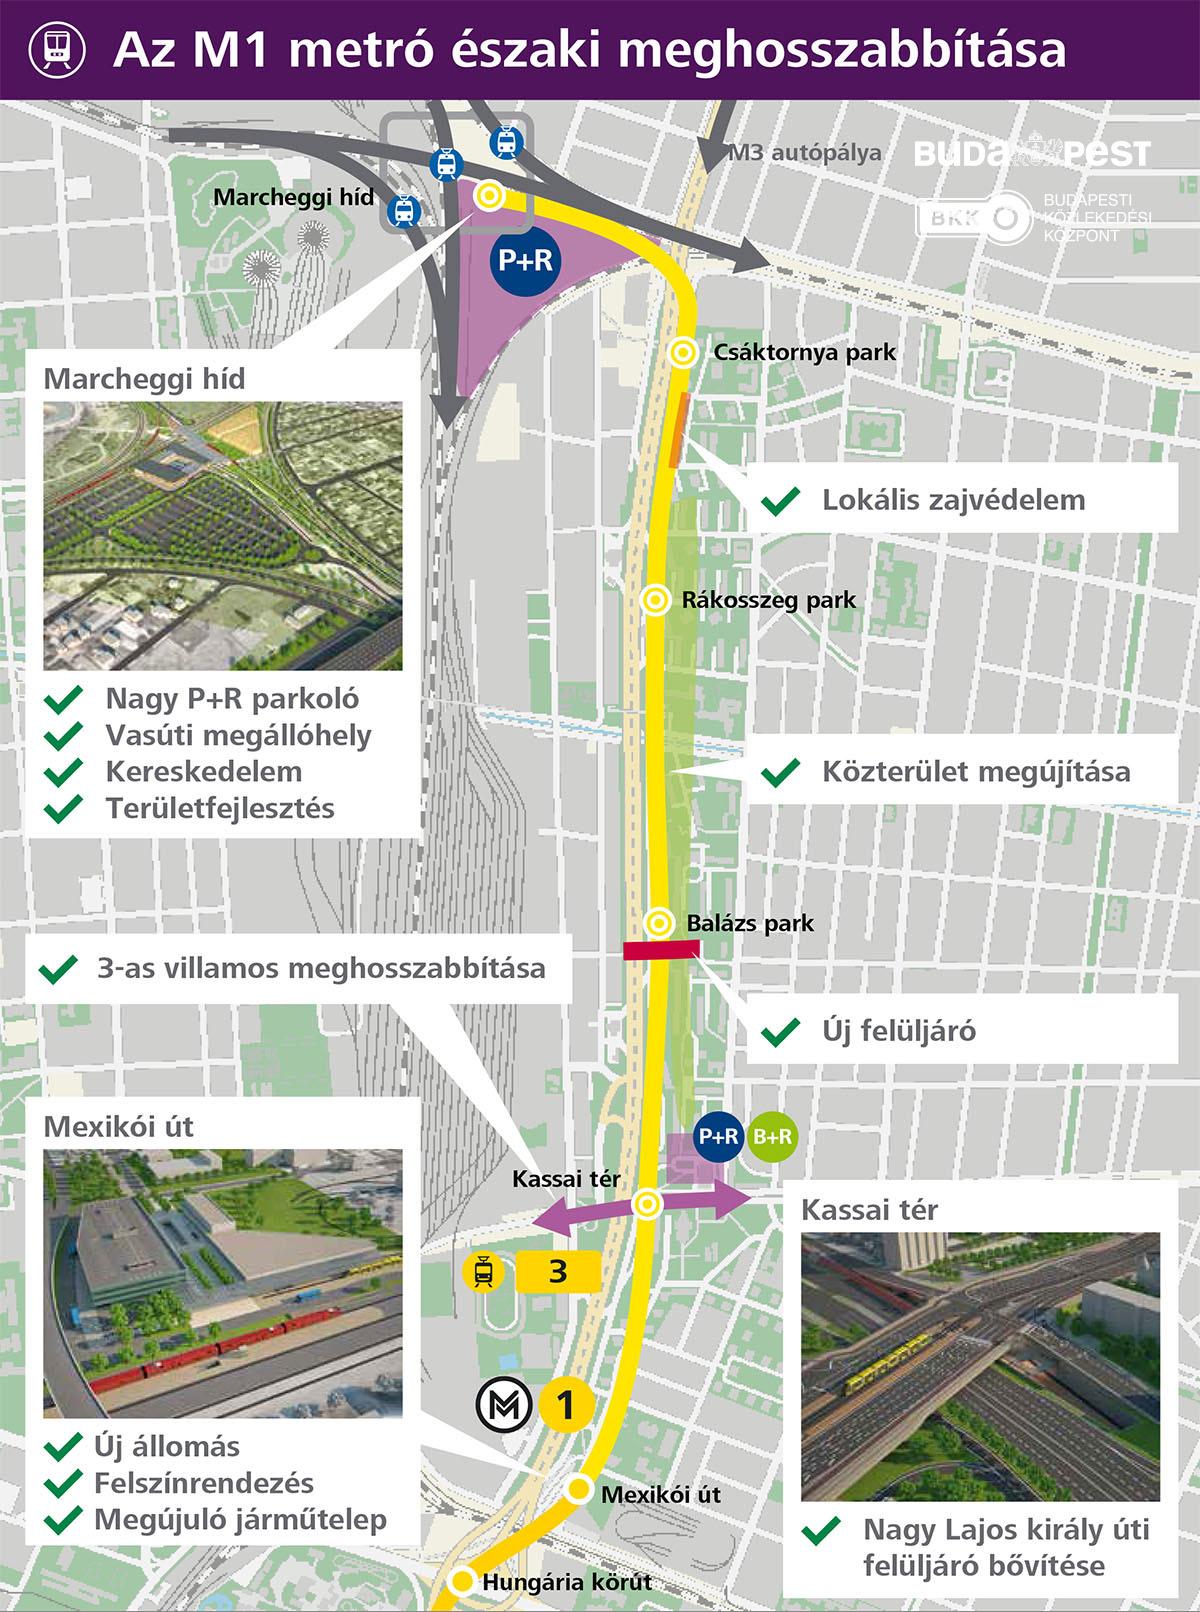 M1 Es Metro Korszerusitese Es Meghosszabbitasa Budapesti